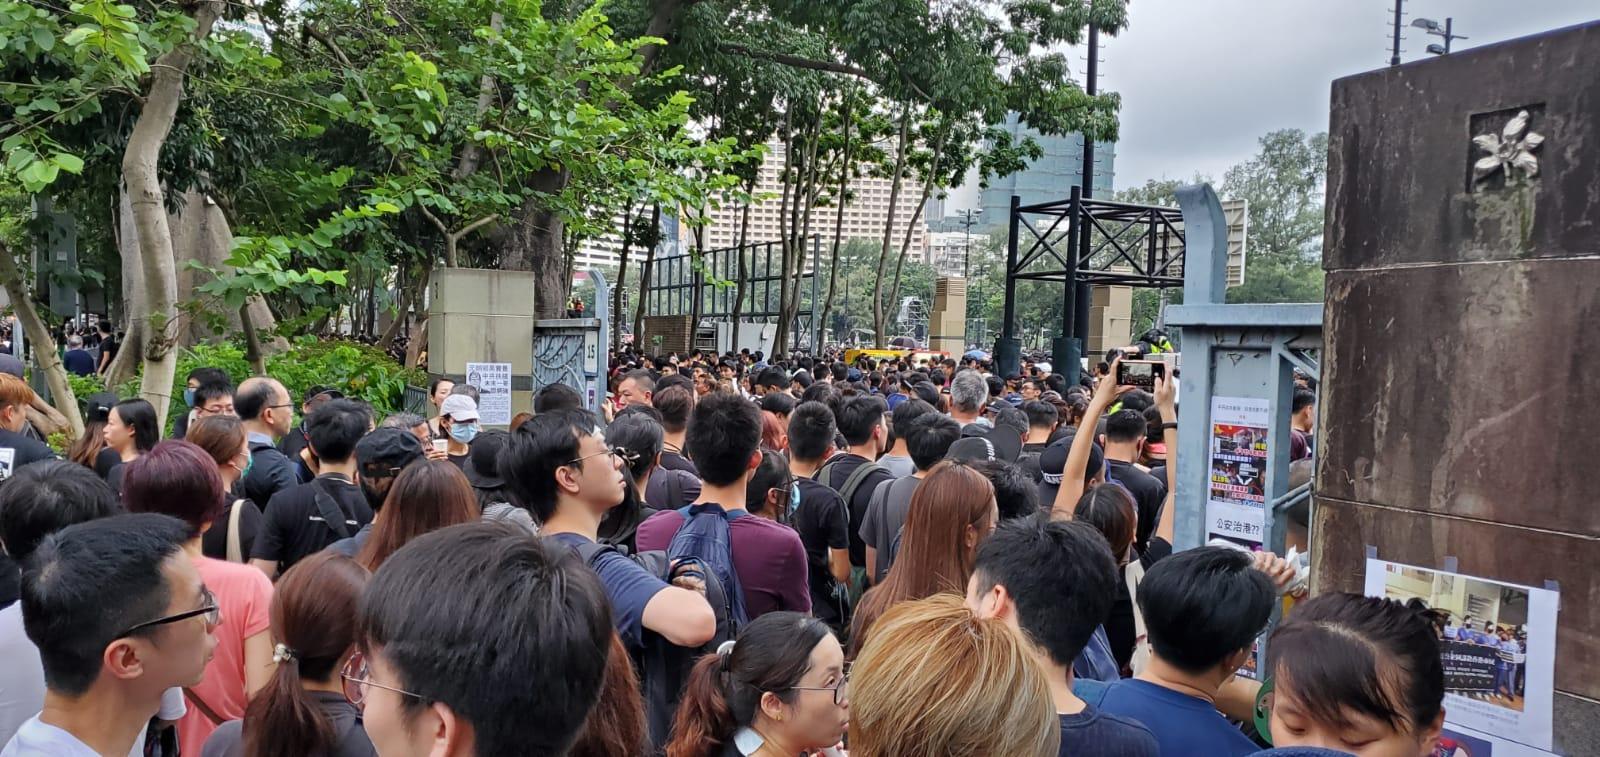 大批穿黑衣市民到維園出席集會。